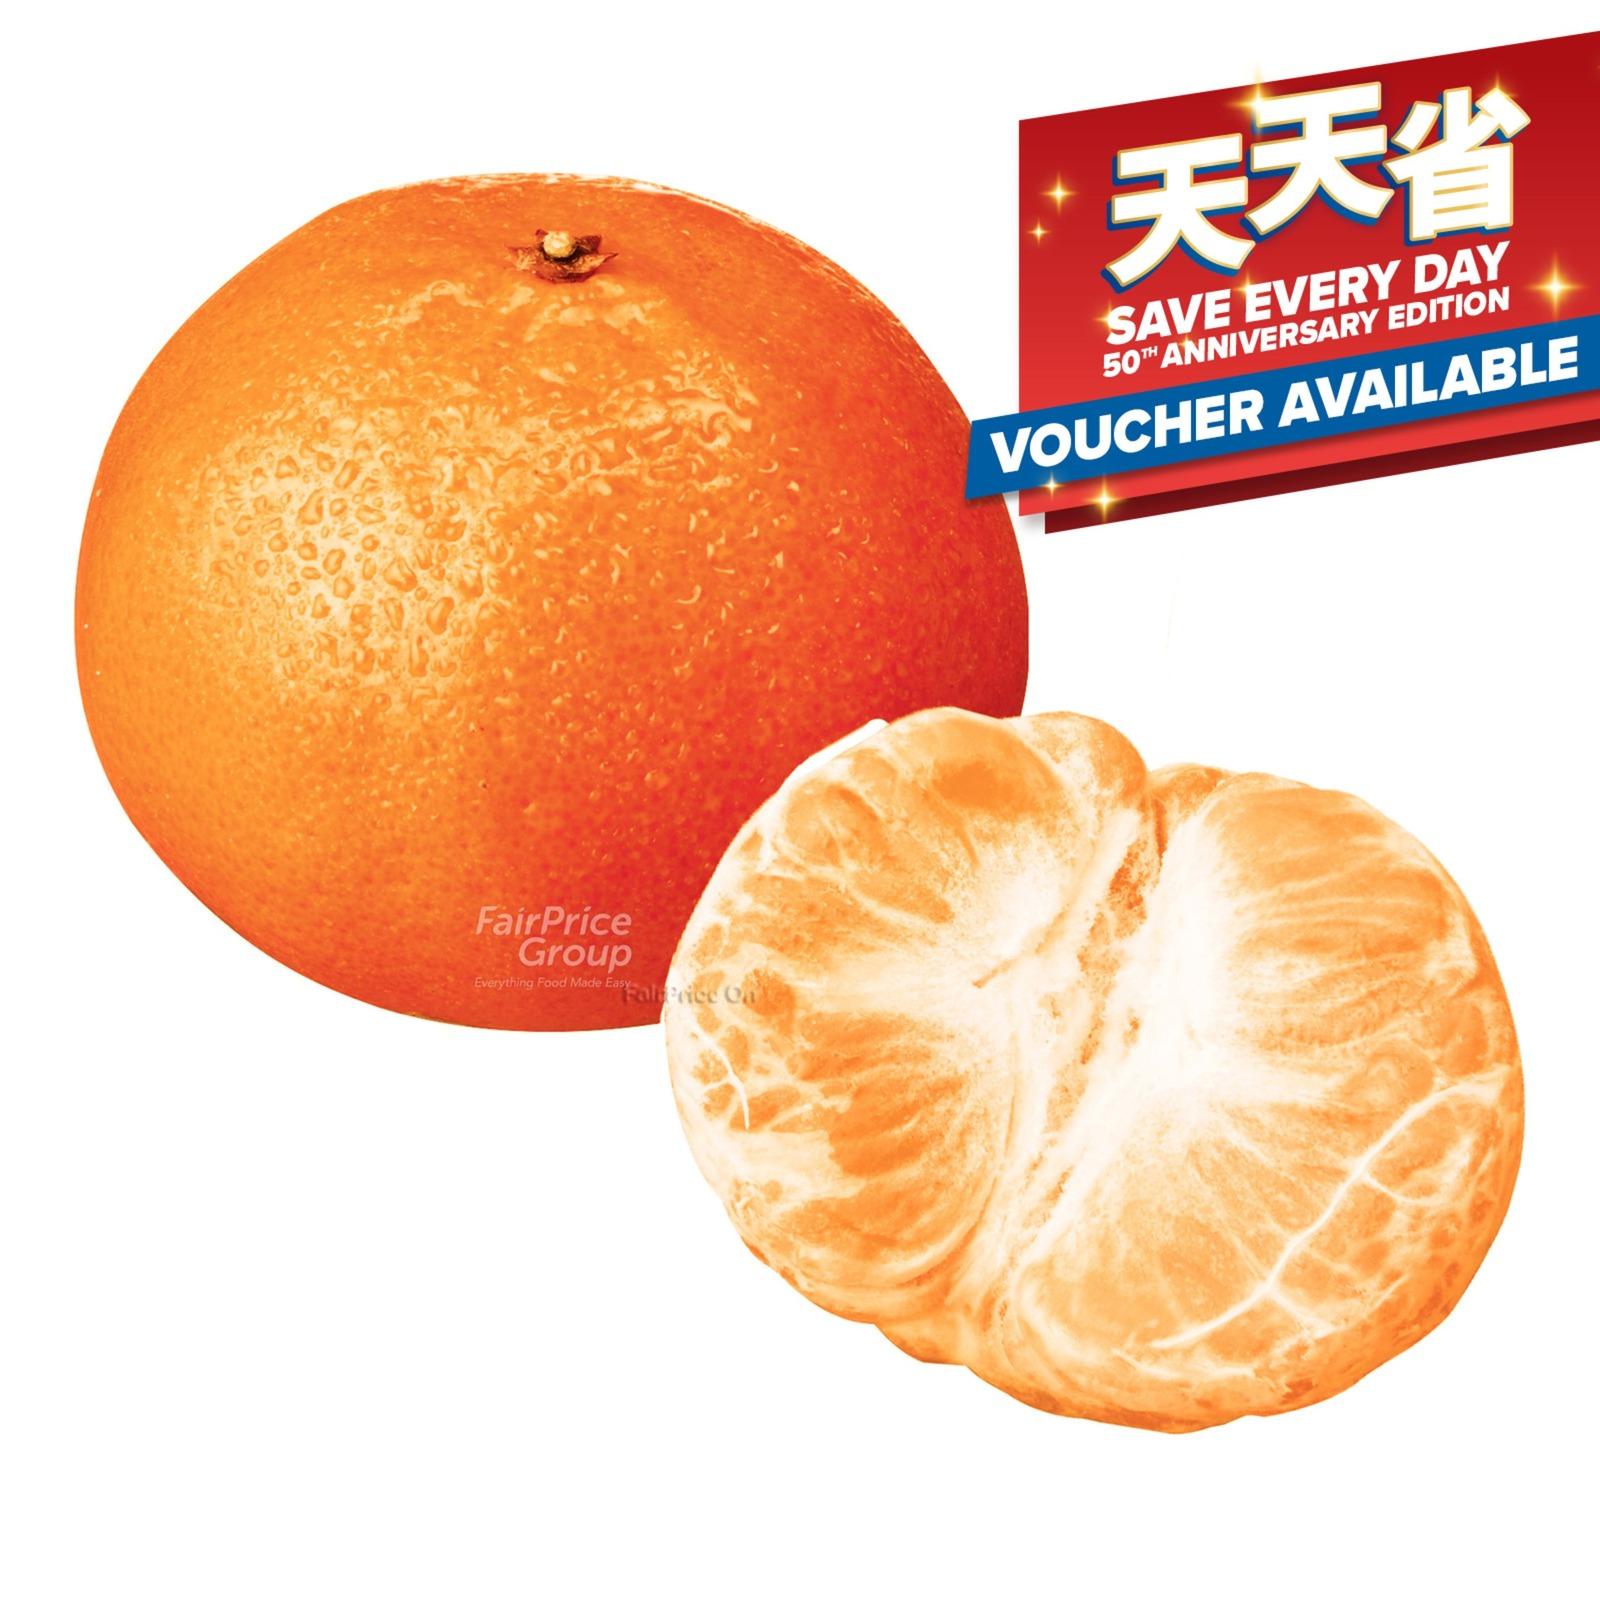 Sunkist Australia Delite Mandarin